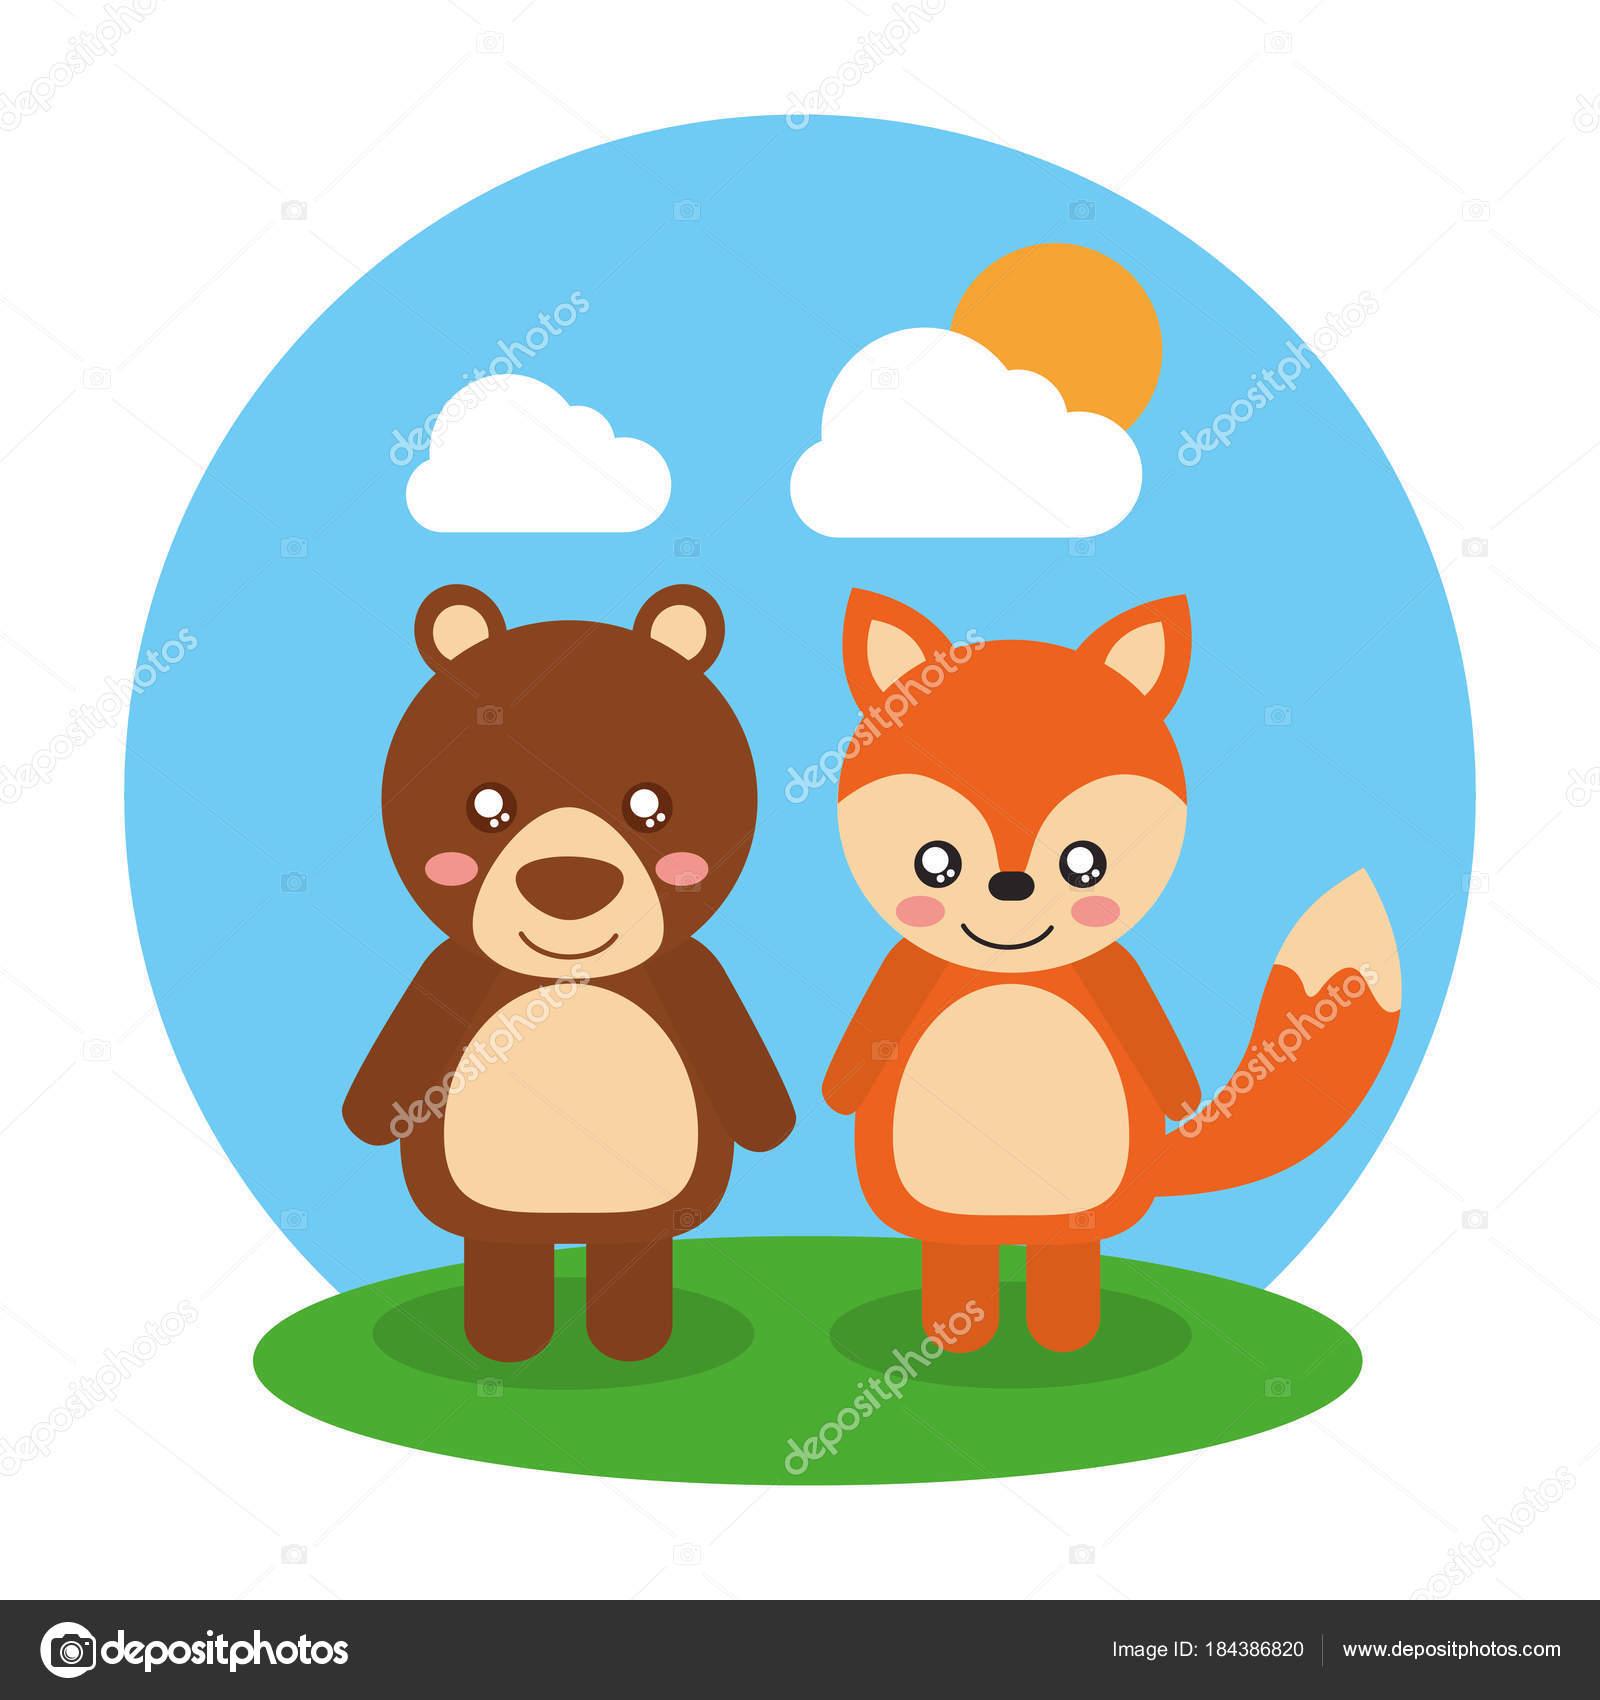 Paesaggio amichevole di due simpatici animali orso e volpe